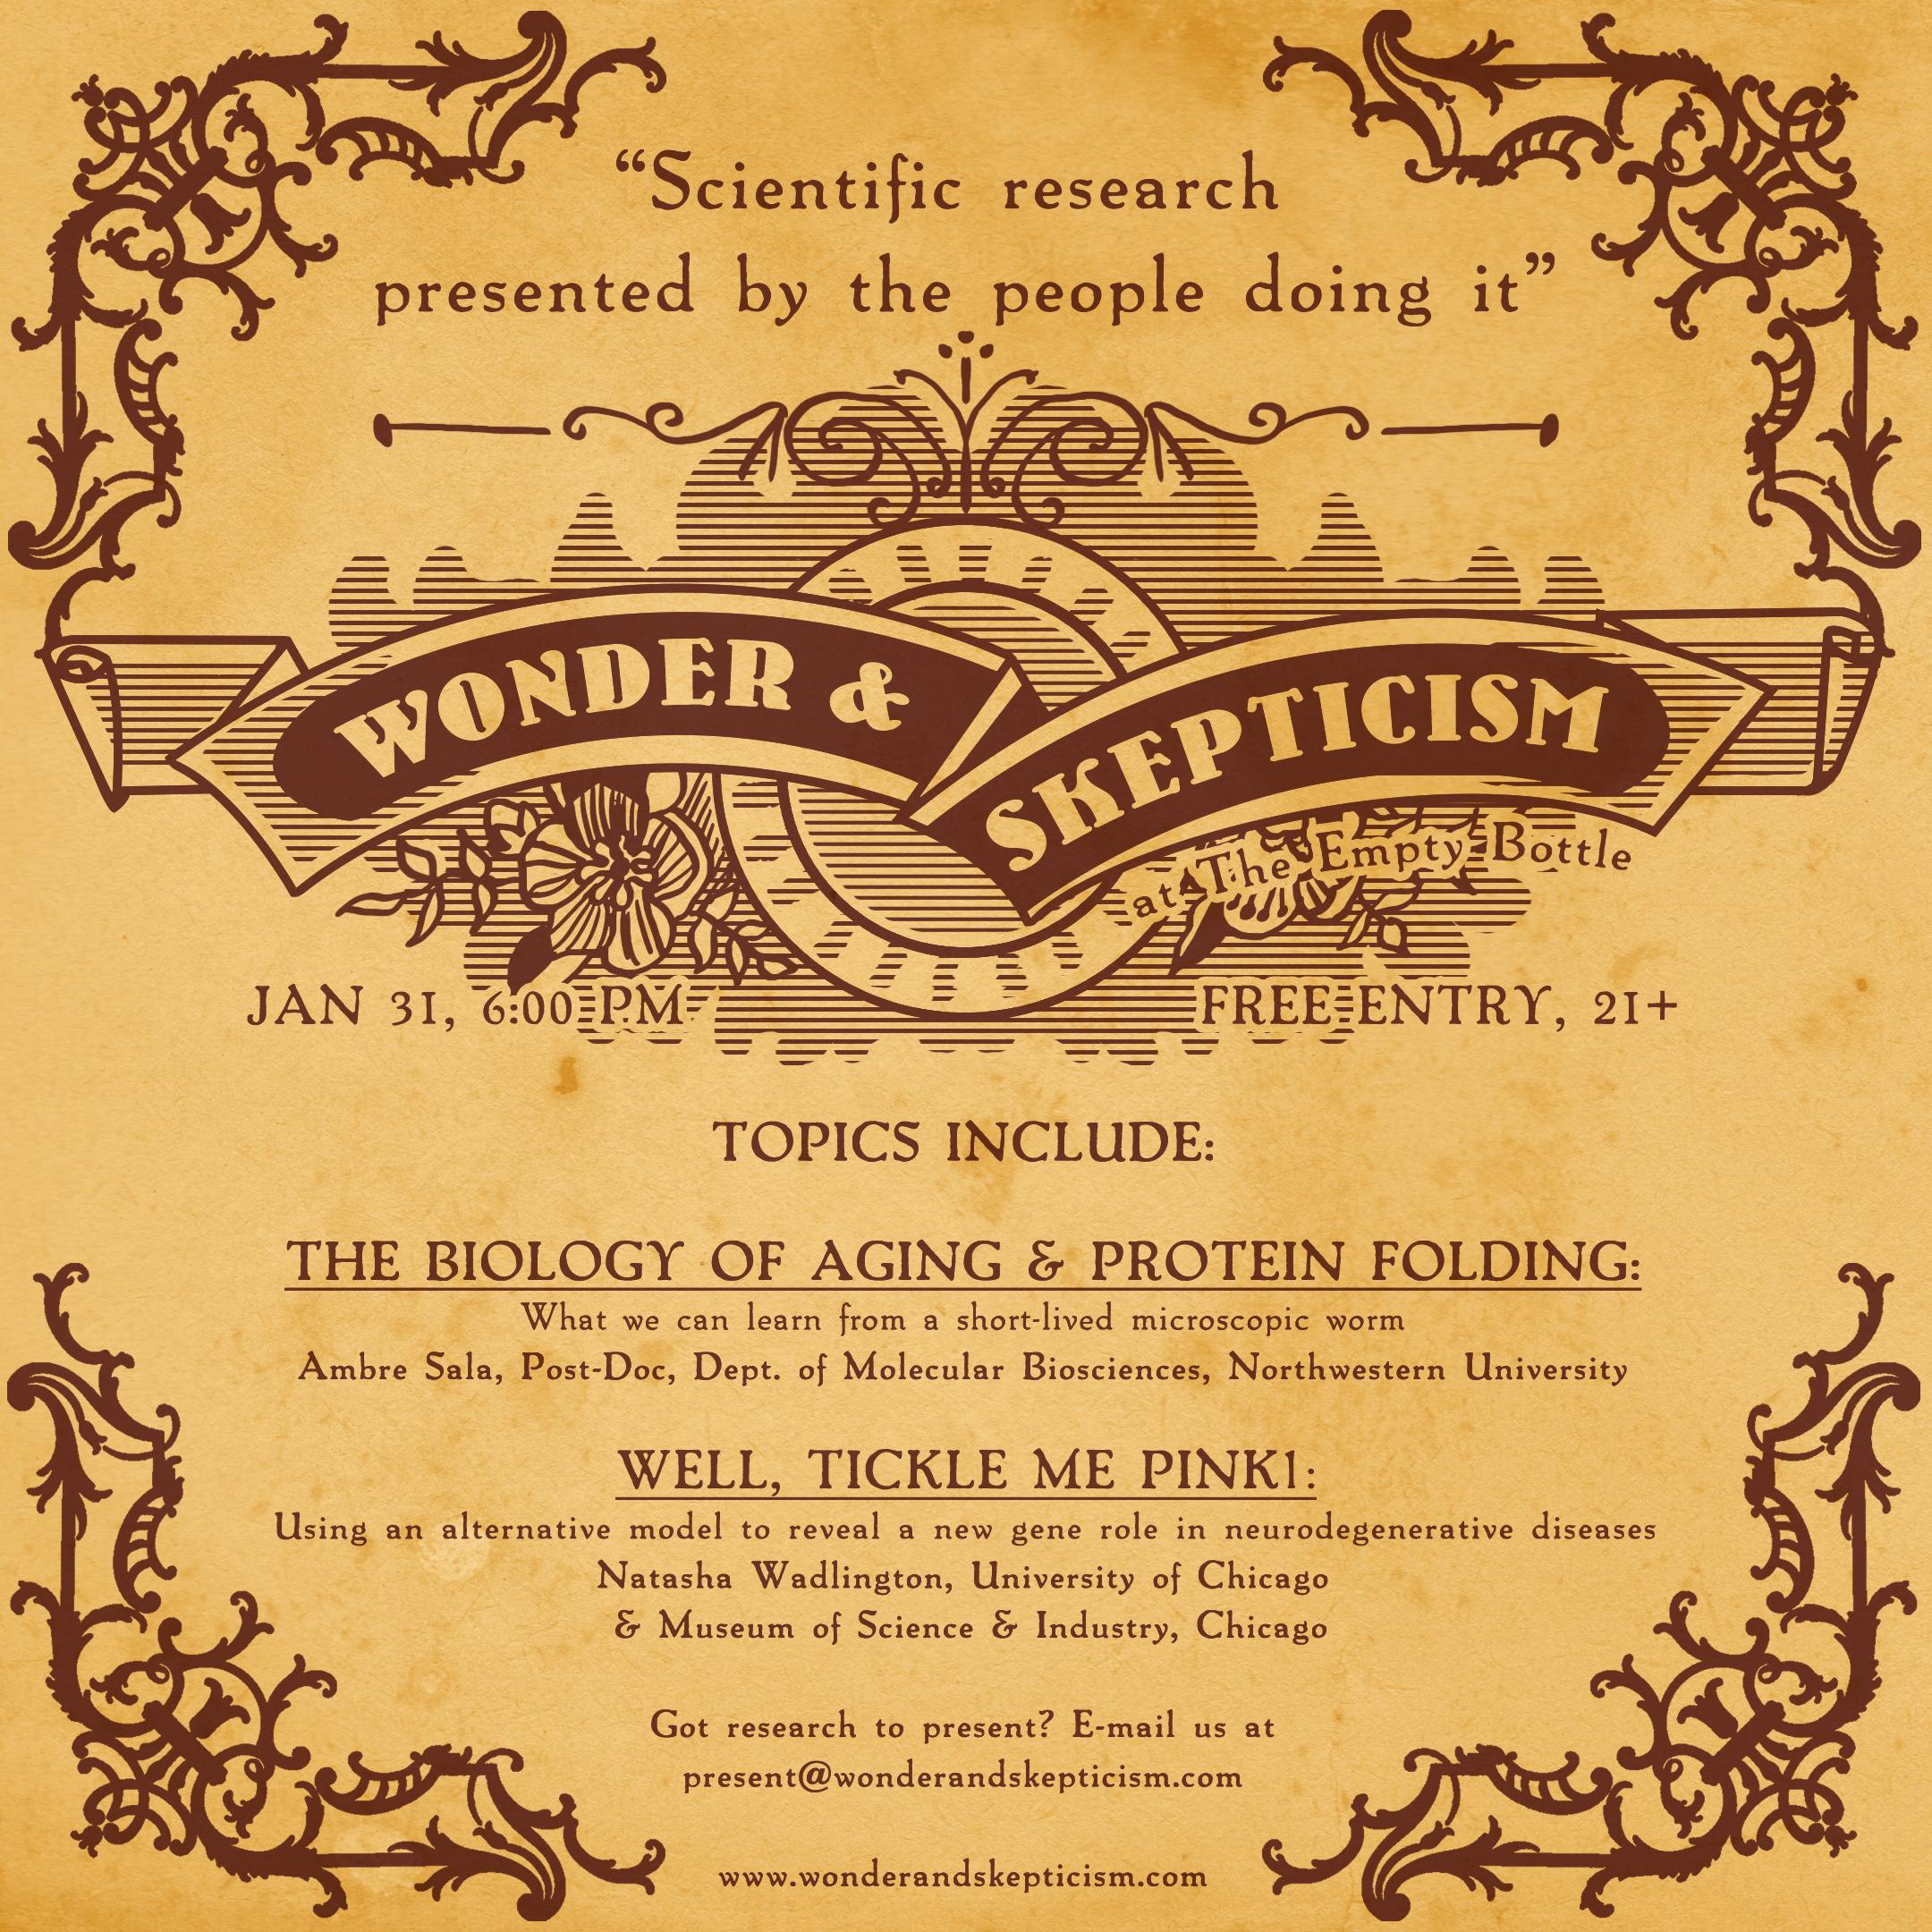 Wonder & Skepticism